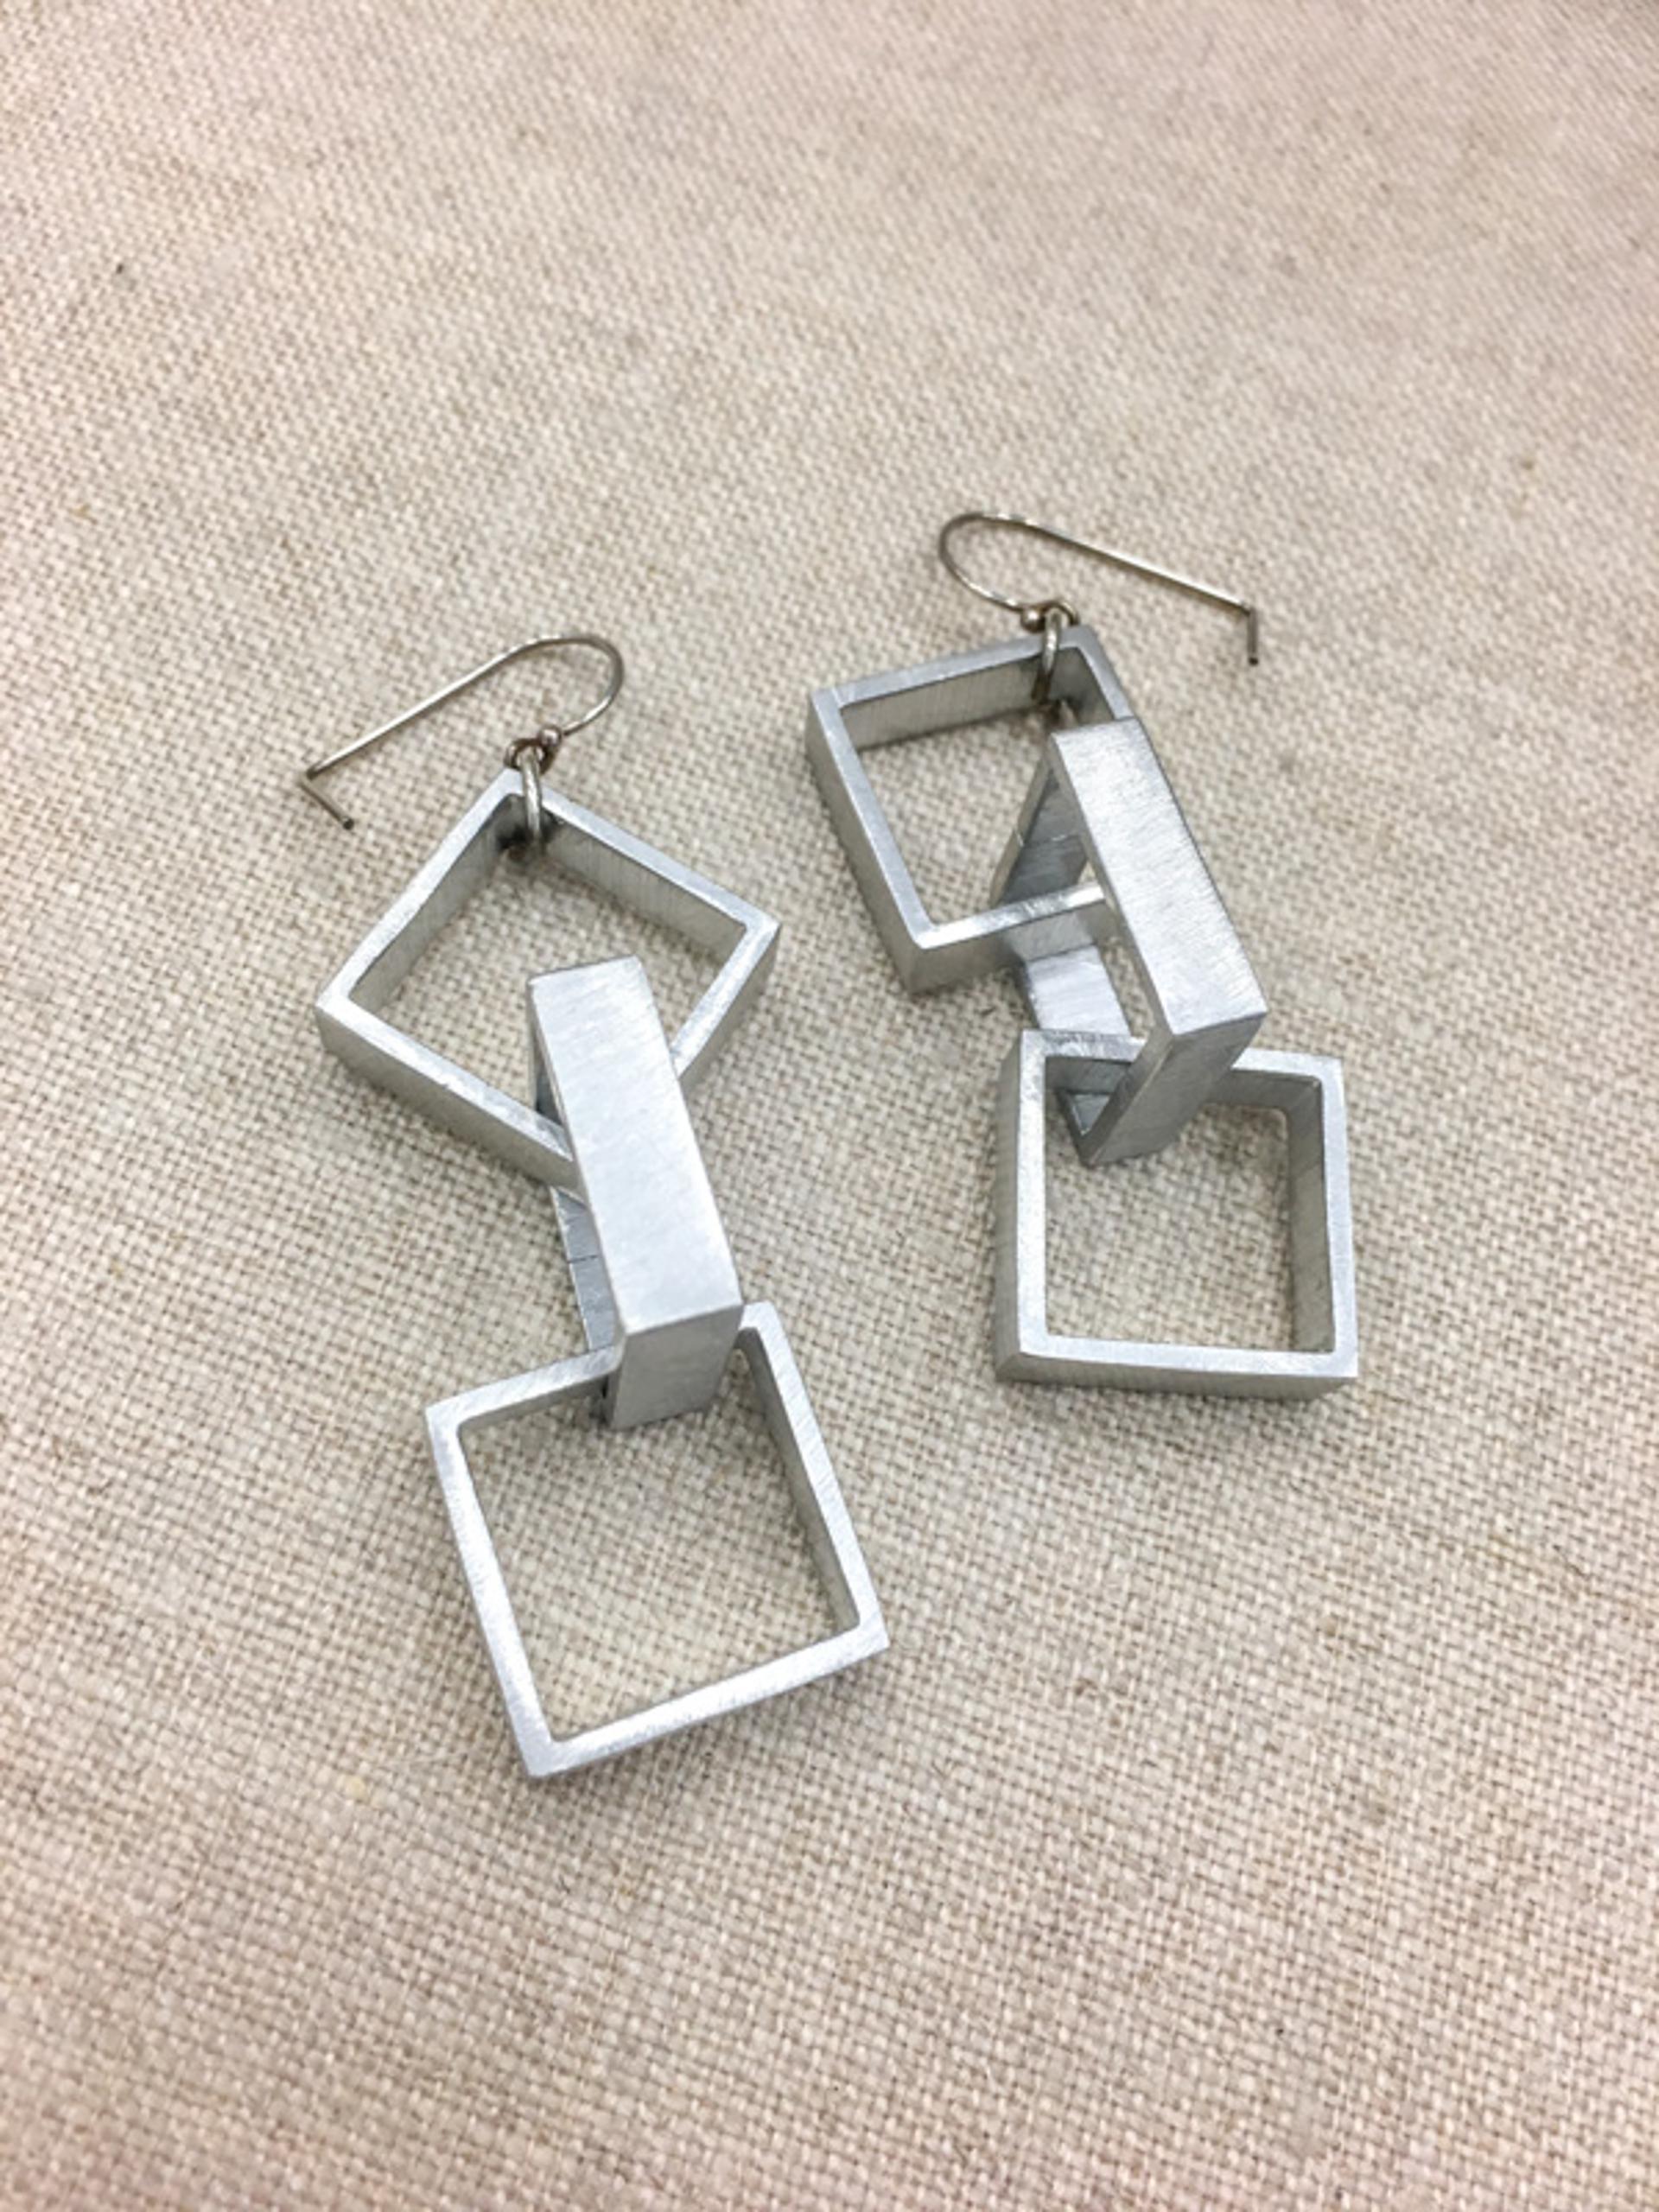 9162 Earrings by Lori Paulsen